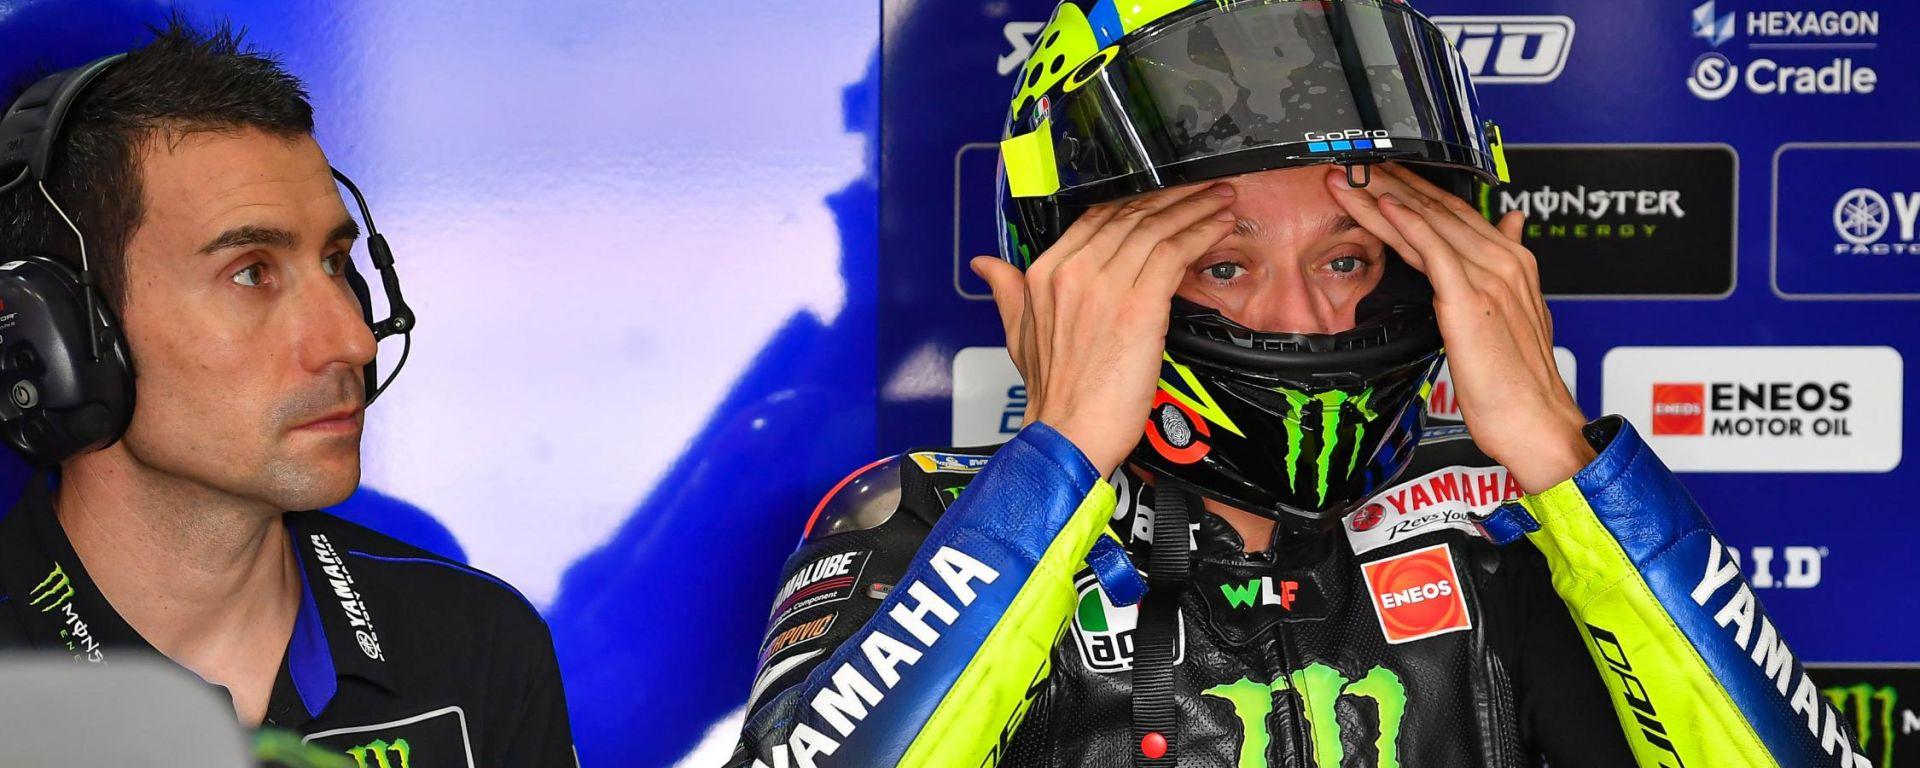 Valentino Rossi, test MotoGP 2020 Qatar